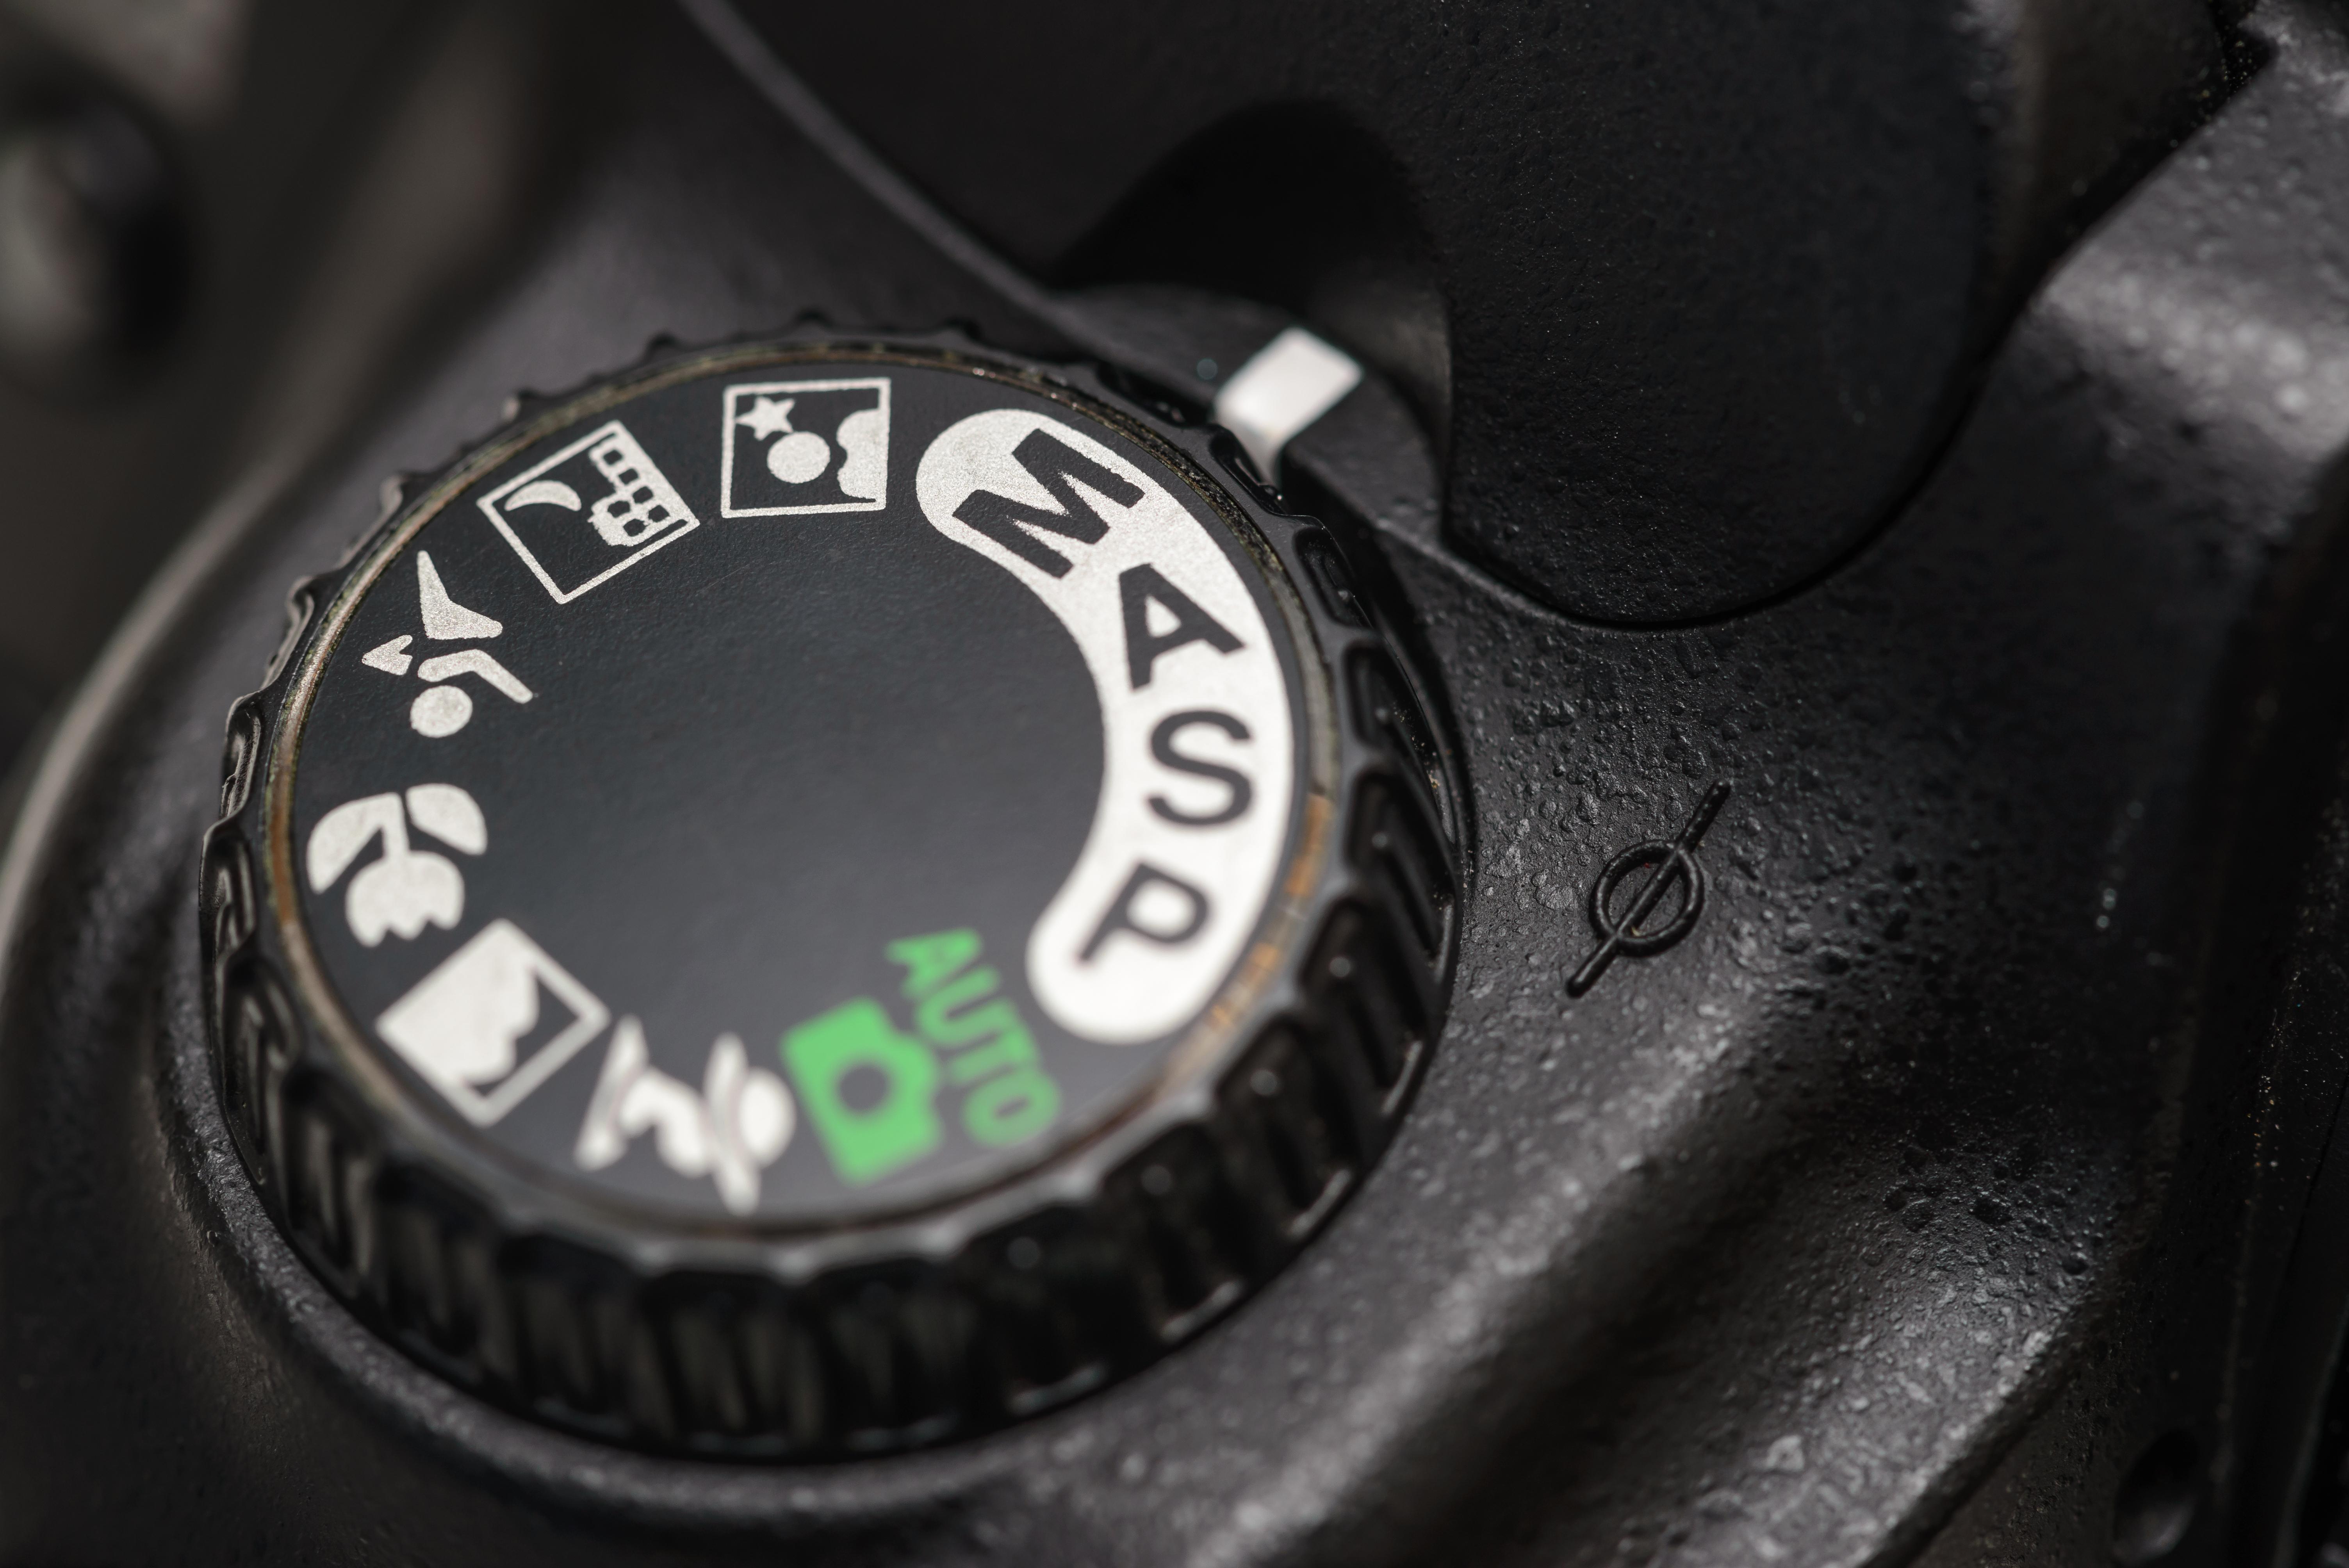 camera dial dslr menu